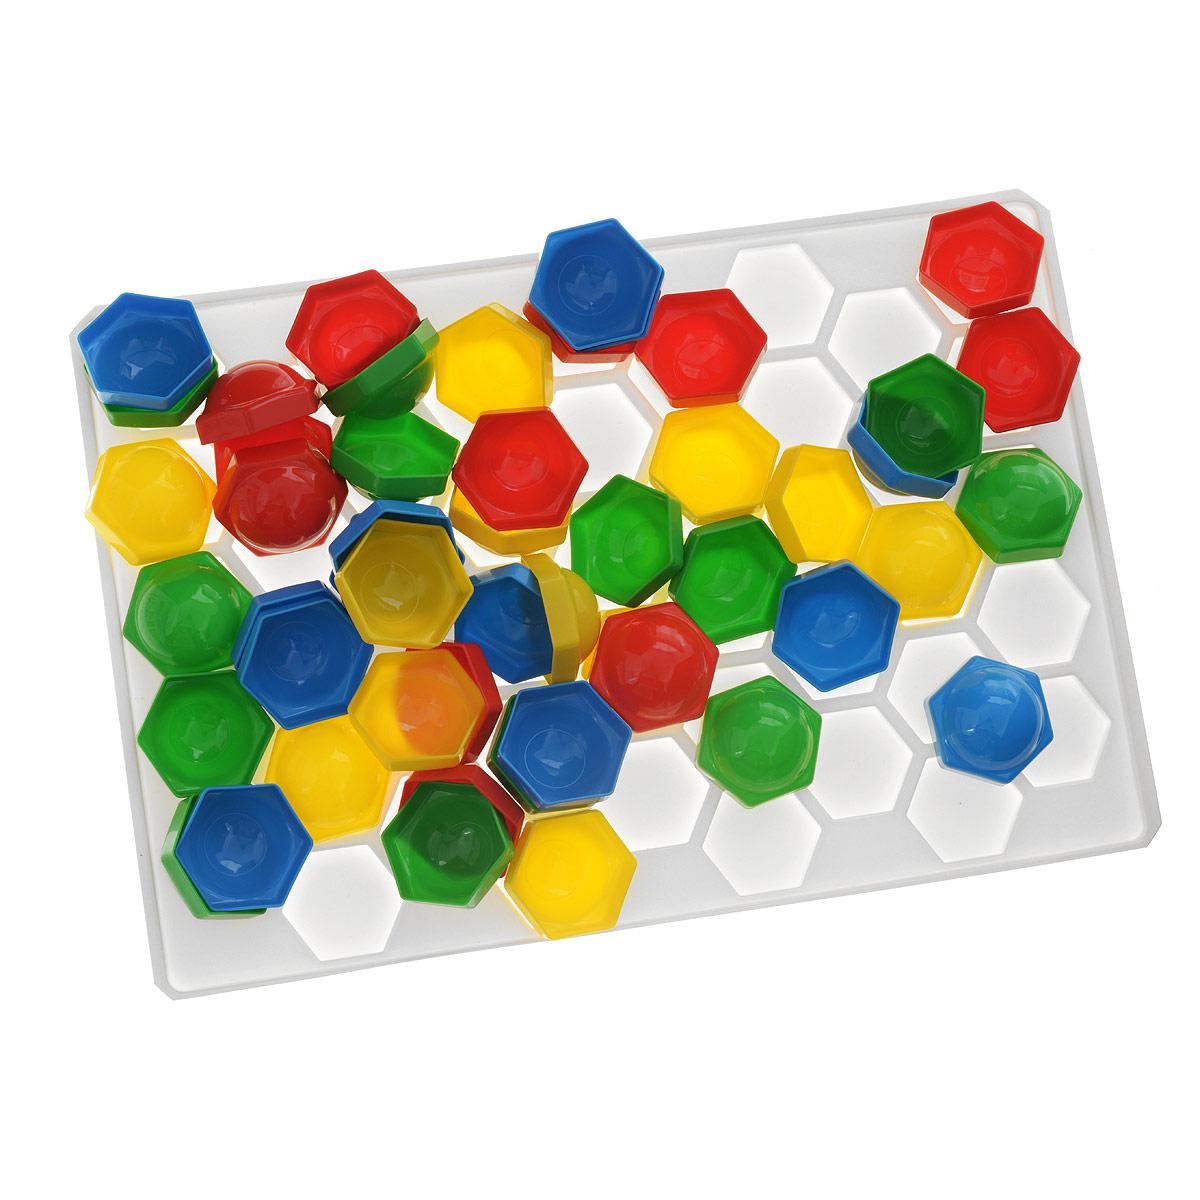 Мозаика Stellar, 50 элементов. 0101701017Мозаика Stellar - это яркая и увлекательная развивающая игра. Мозаика включает в себя пластиковое игровое поле и 50 разноцветных выпуклых элементов, при помощи которых ребенок сможет создавать объемные цветные картинки. Для этого ему нужно лишь вставлять фишки в плату, руководствуясь изображениями на коробке или собственной фантазией. Рисунки, представленные на упаковке, являются только примером, так как эта универсальная мозаика раскрывает перед ребенком неограниченные возможности моделирования и создания собственных шедевров. Игры с мозаикой способствуют развитию у малышей мелкой моторики рук, координации движений, внимательности, логического и абстрактного мышления, ориентировку на плоскости, а также воображения и творческих способностей.